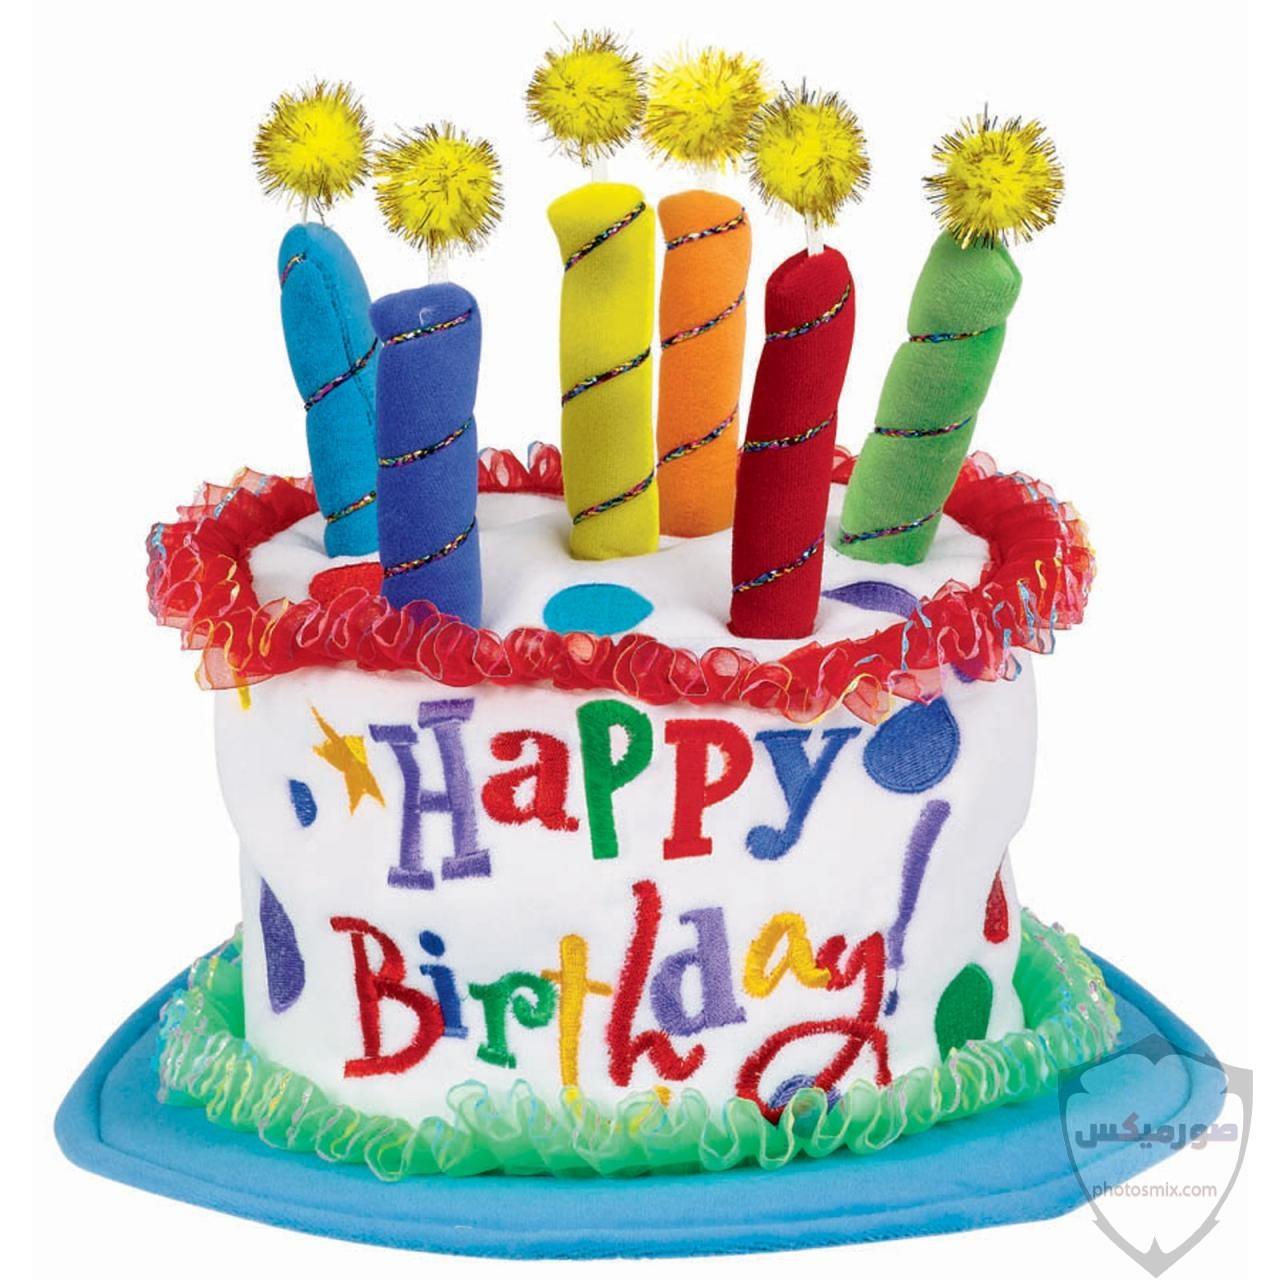 صور عيد ميلاد سعيد 2020 صور تورتة تهنئة لأعياد الميلاد 2021 صور happy birth day 37